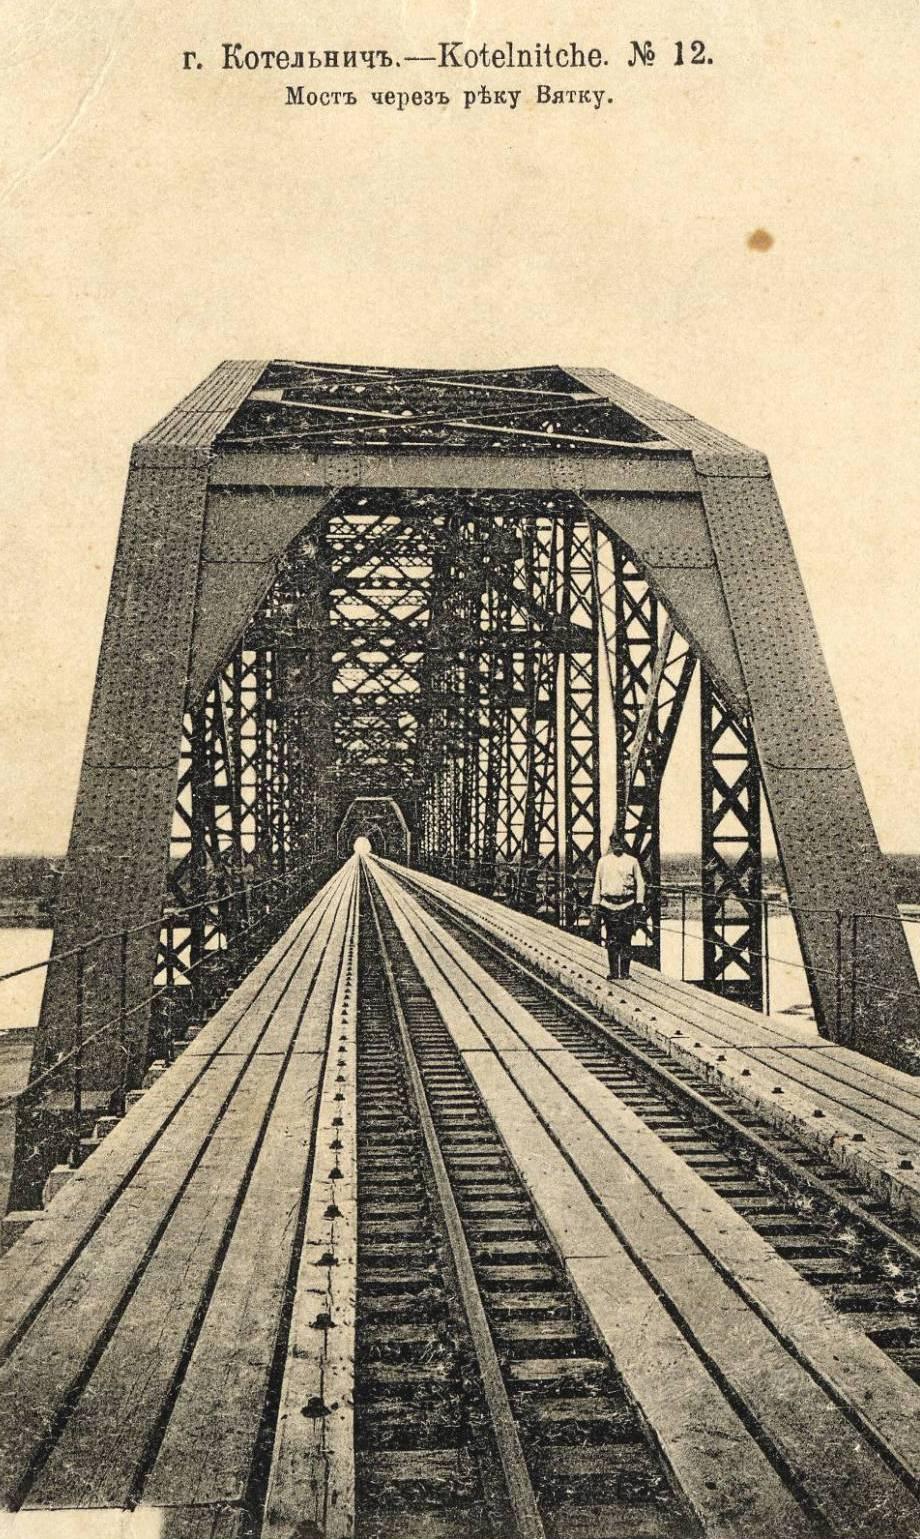 Котельнич. Мост через реку Вятка.